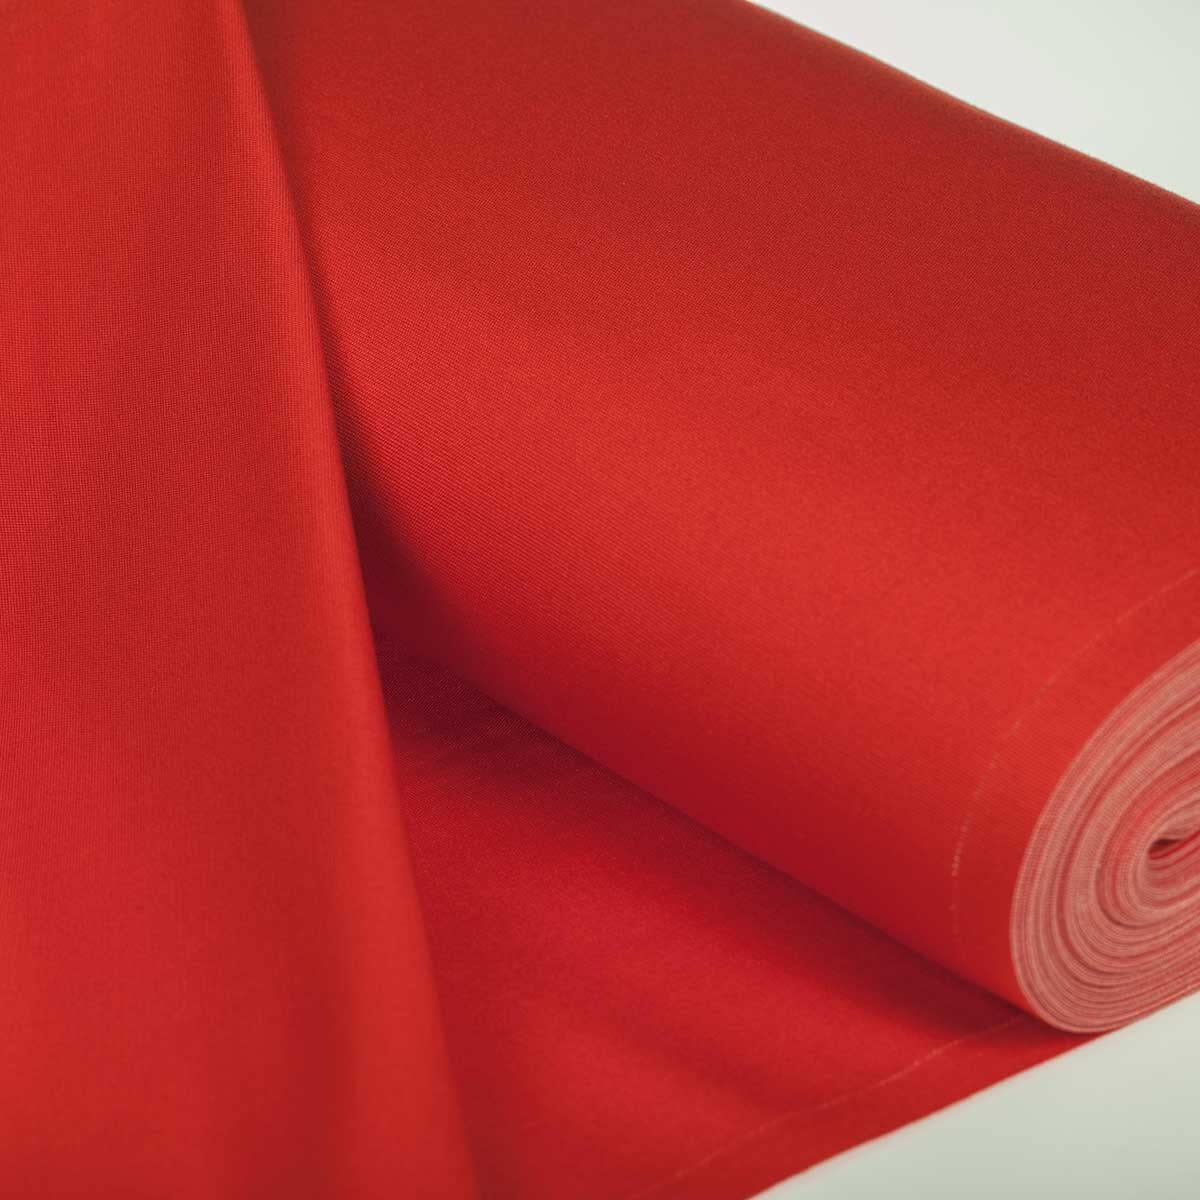 toile sp cial transat uni rouge largeur 43cm. Black Bedroom Furniture Sets. Home Design Ideas